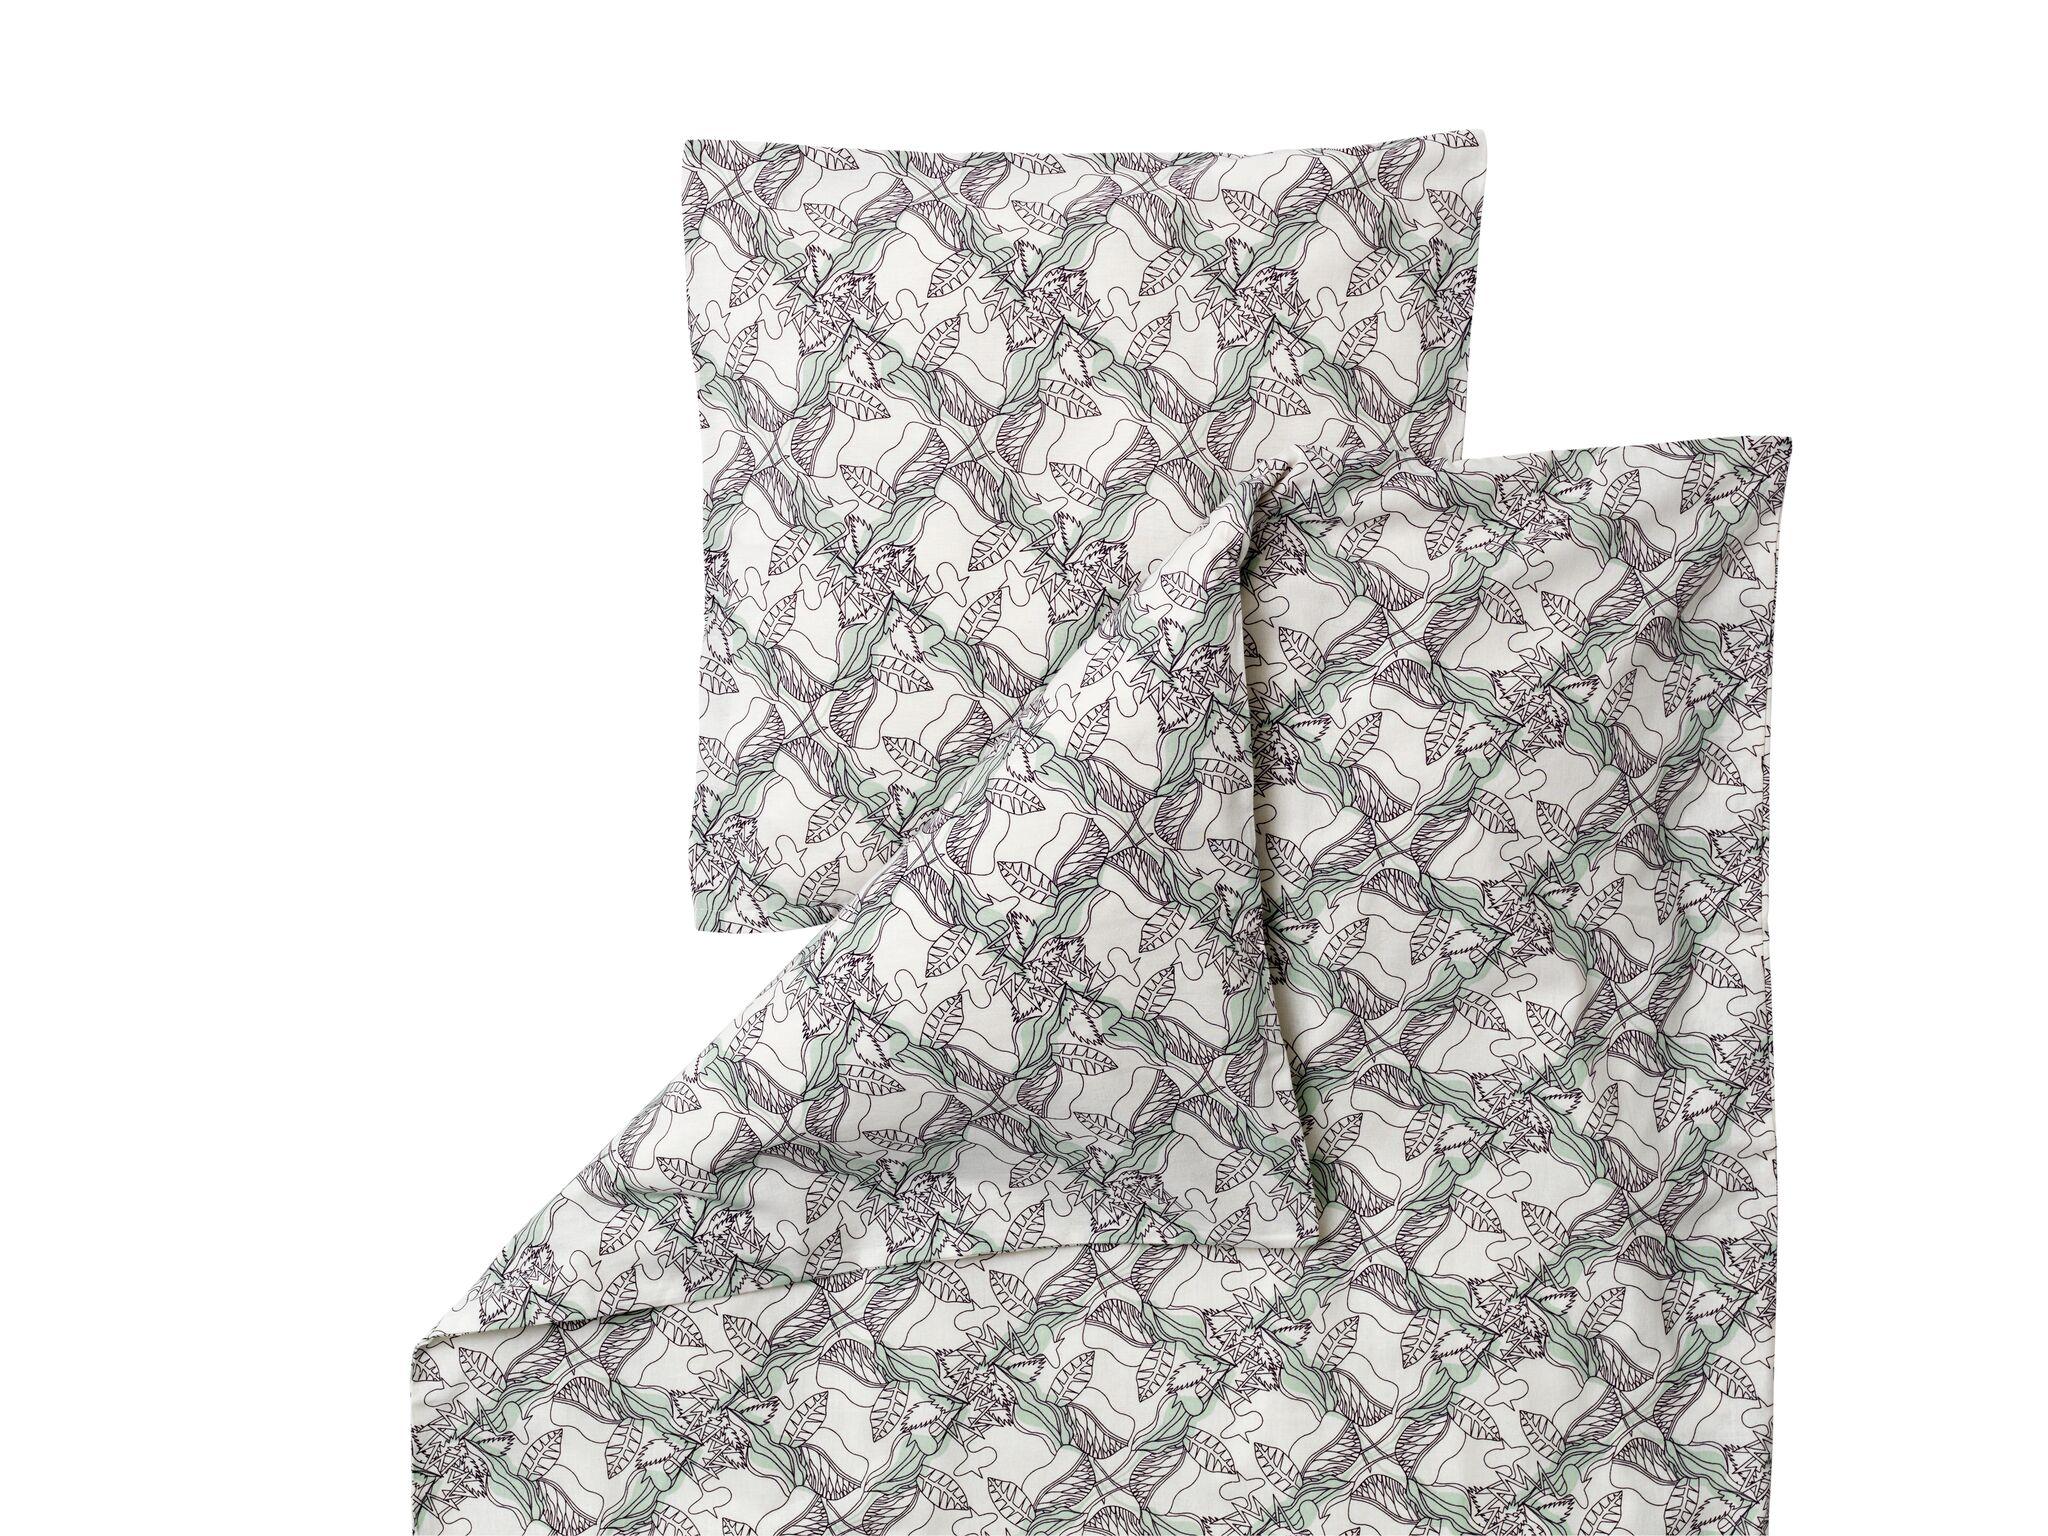 Nofred - Junior Bedding - Botanic Print